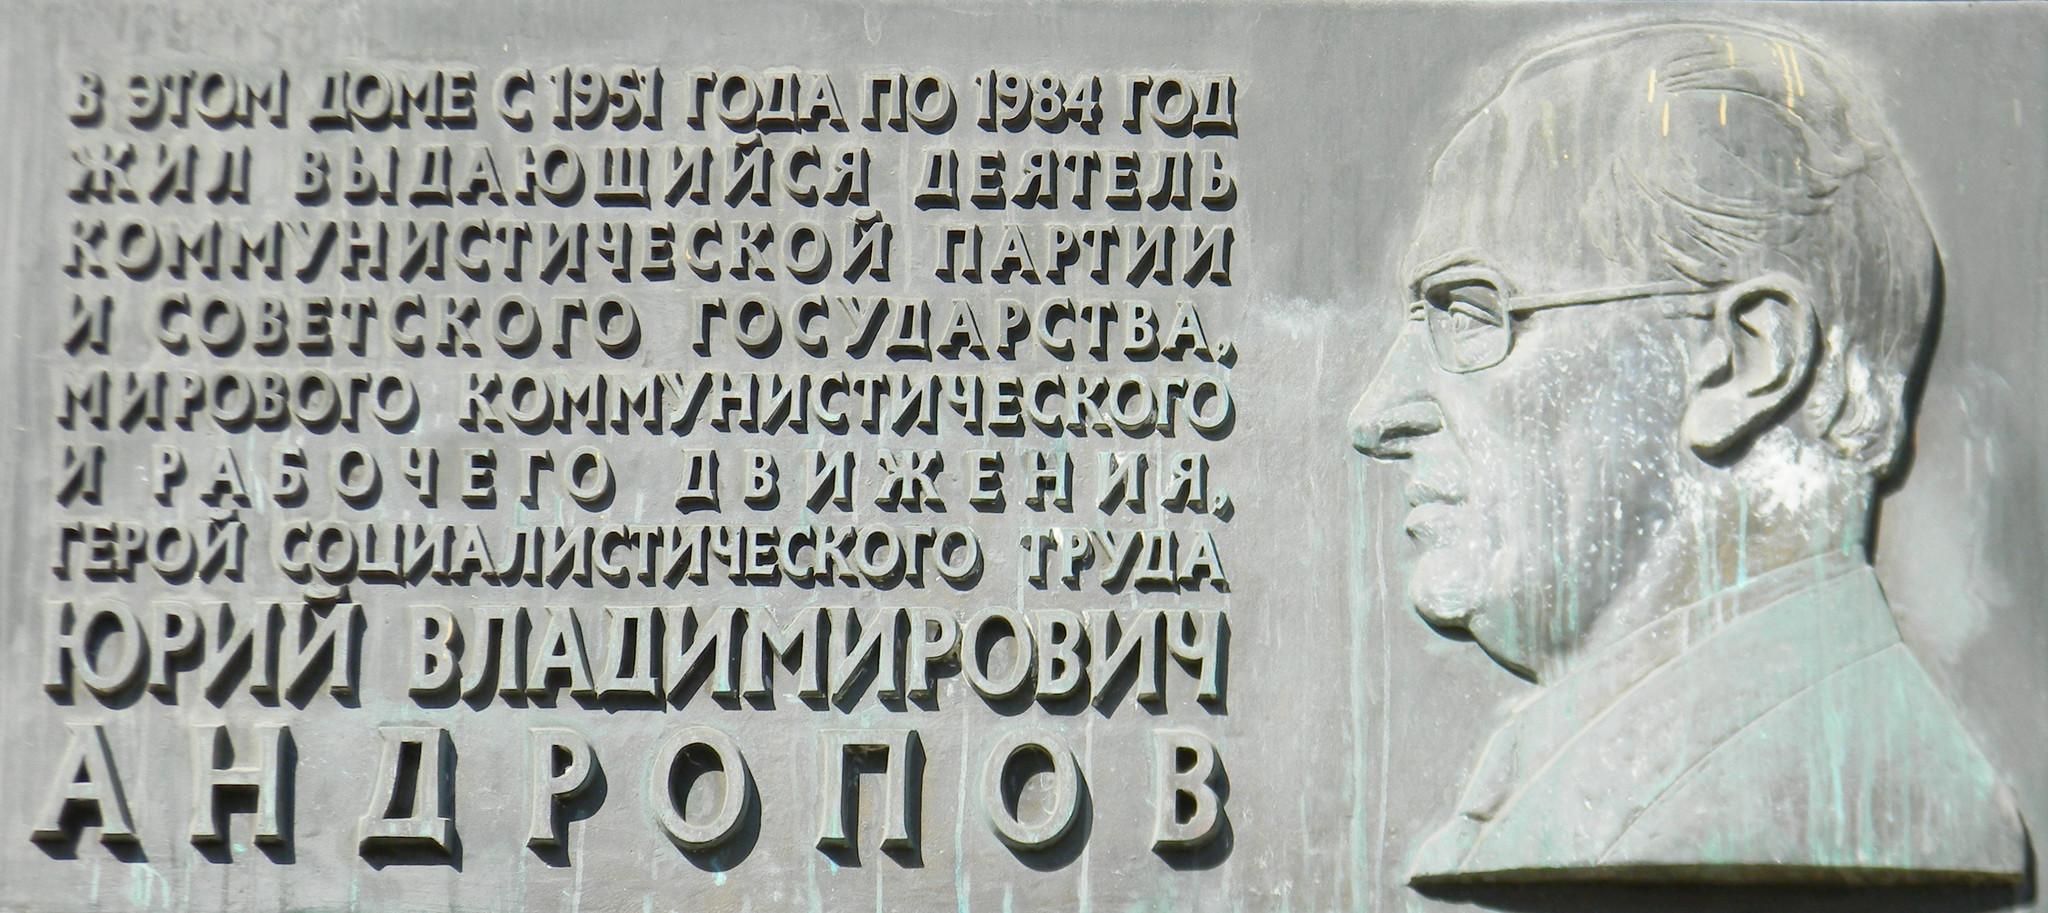 Памятная доска Ю.В. Андропову (Кутузовский проспект, дом 26)